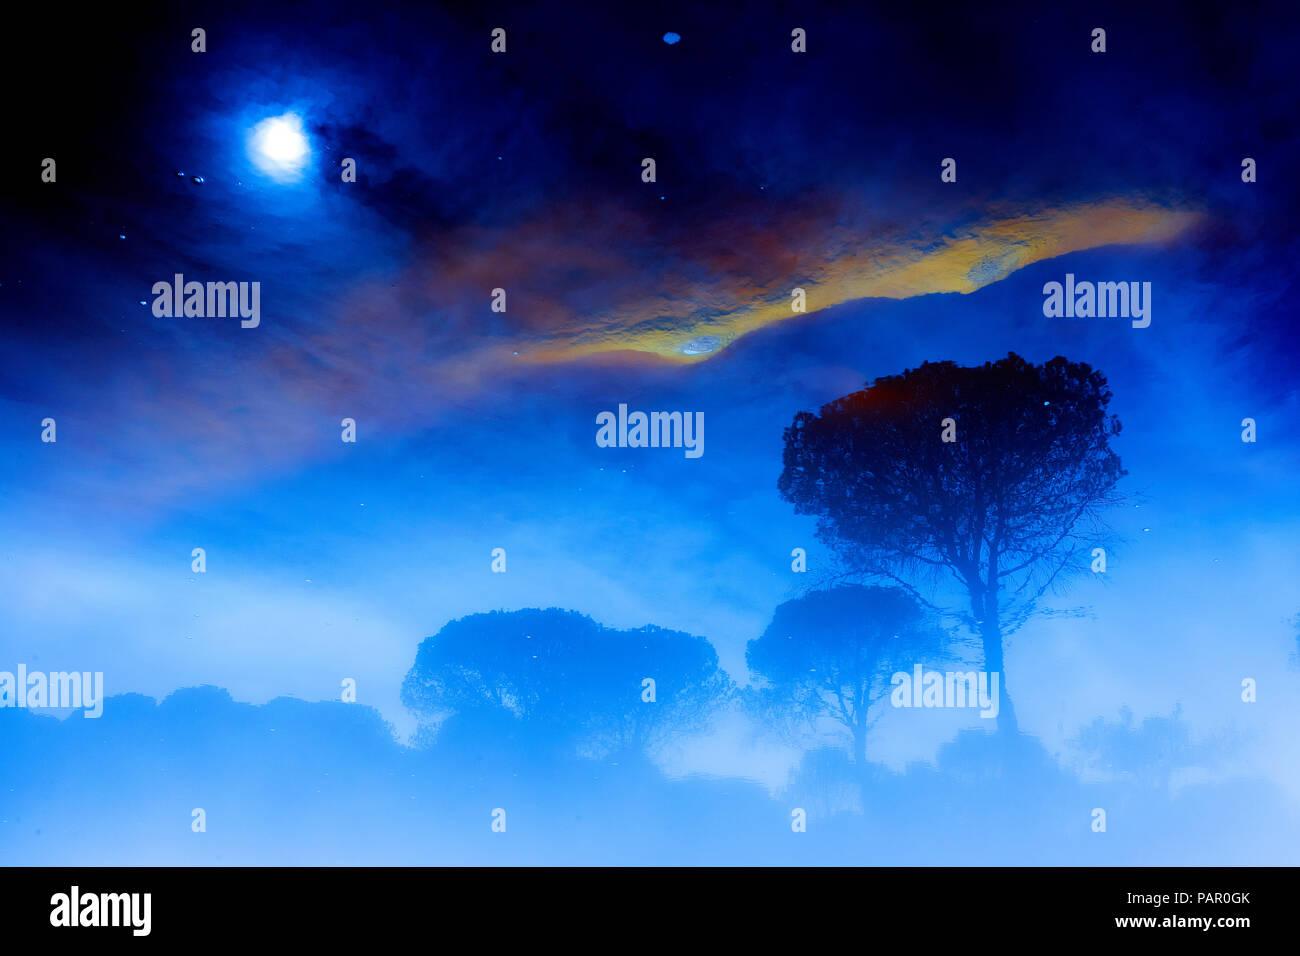 Spagna, Andalusia, alberi e il cielo con le nuvole e la luna Immagini Stock